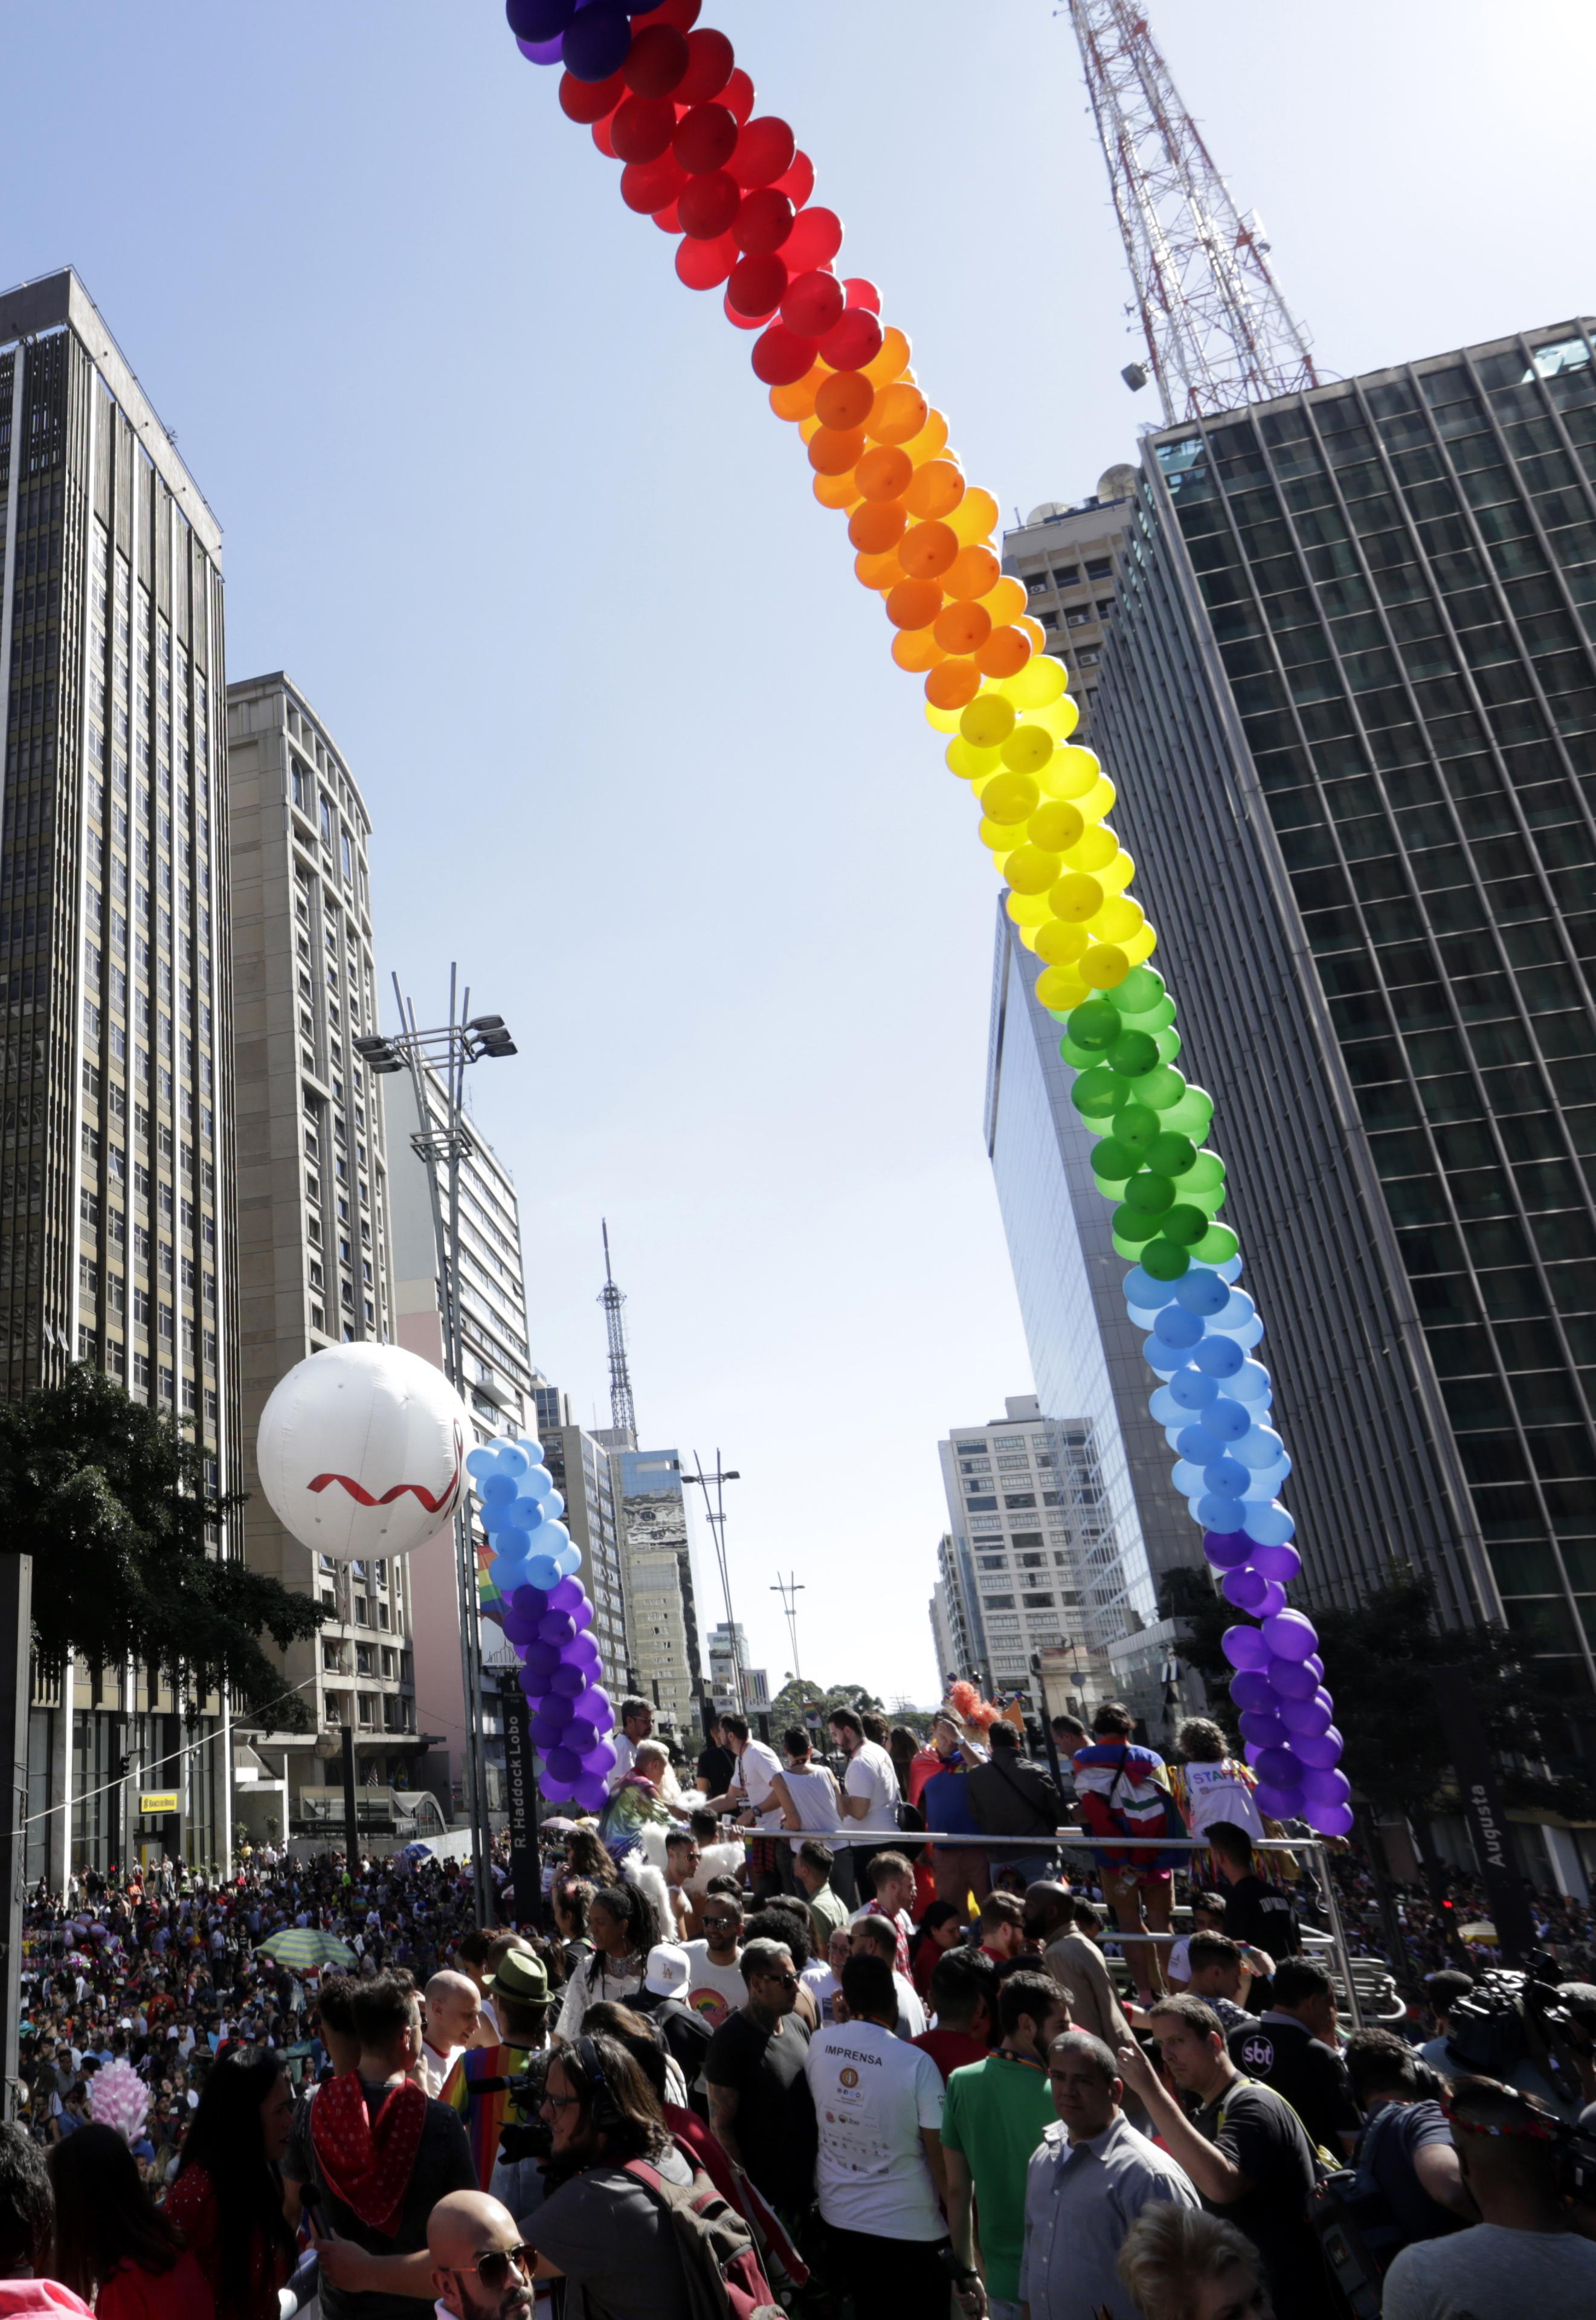 Relatório da pesquisa de perfil de público na na Parada LGBT 2019